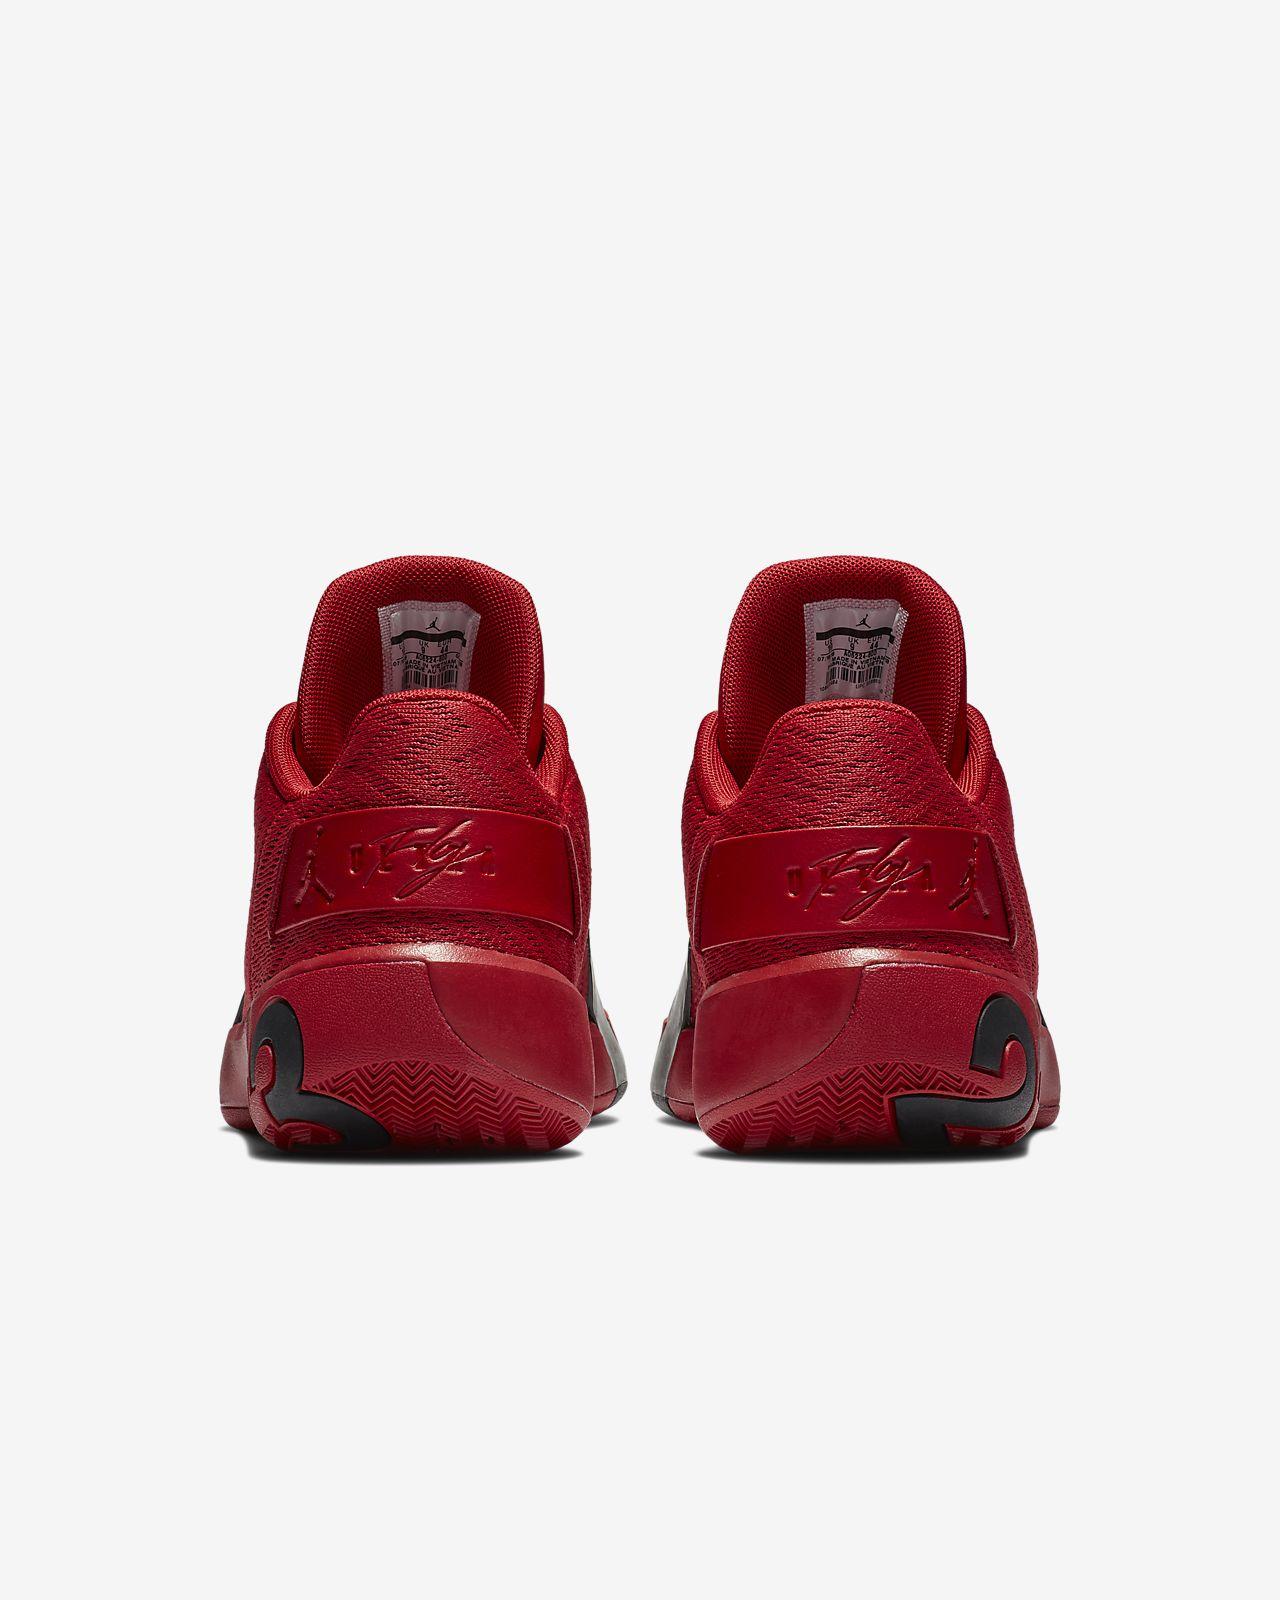 df4d0bafa84 Jordan Ultra Fly 3 Low Basketball Shoe. Nike.com IN